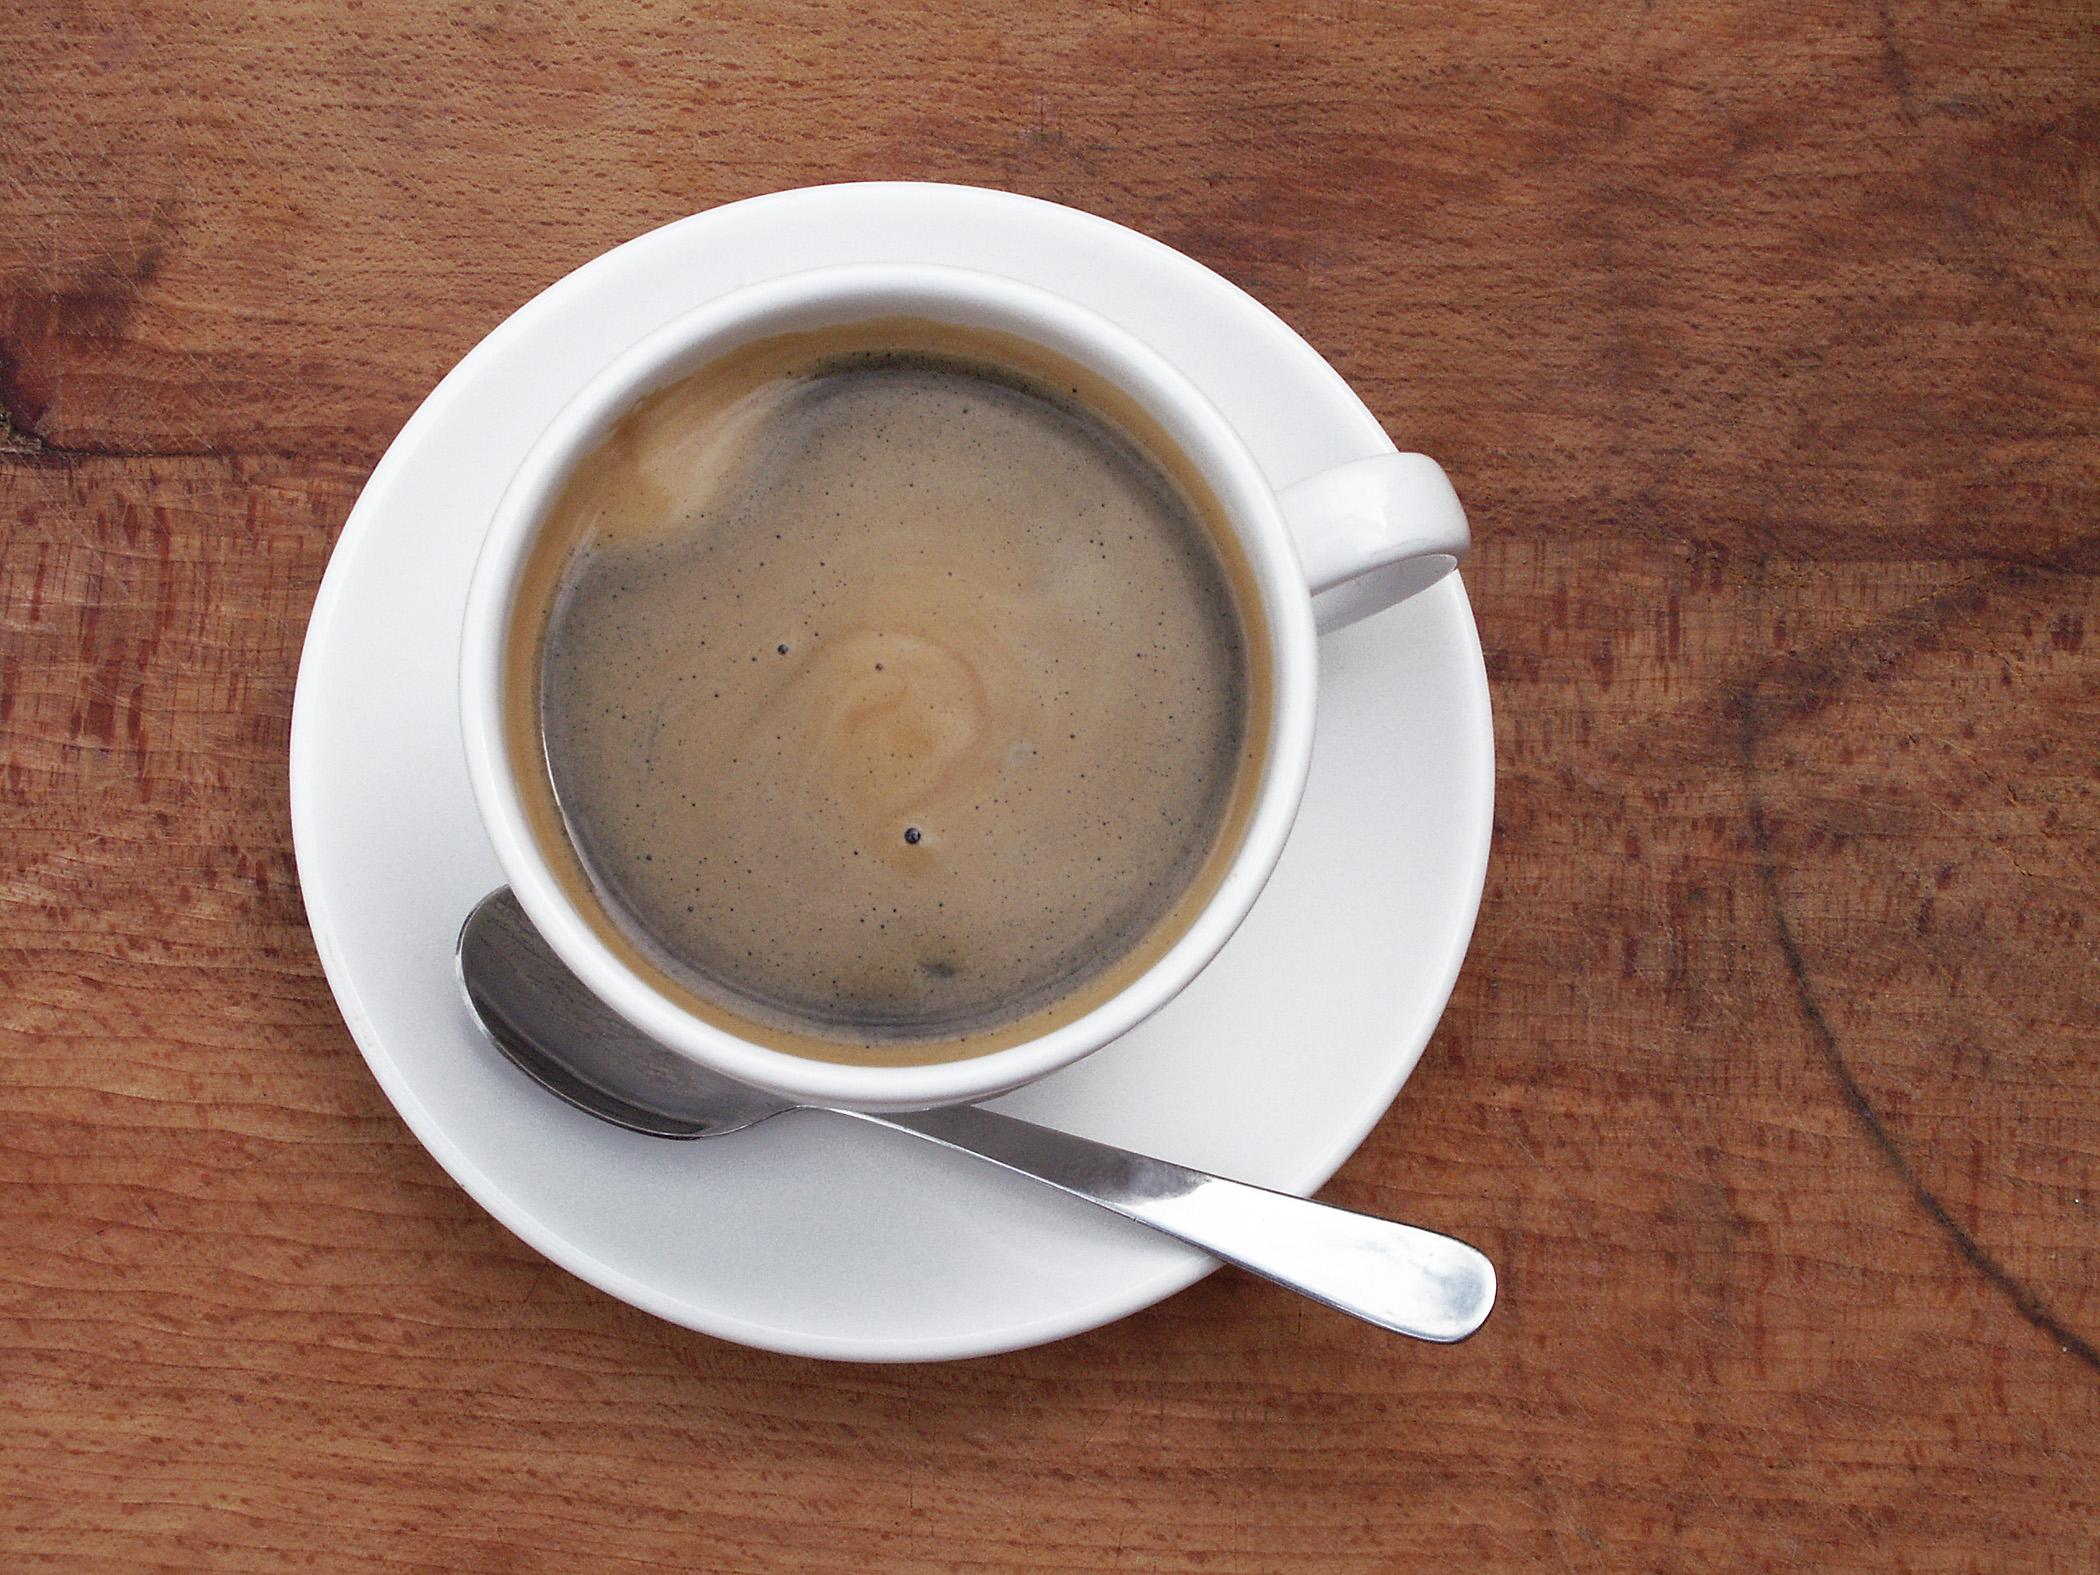 scopri come fare la crema del caffè in casa